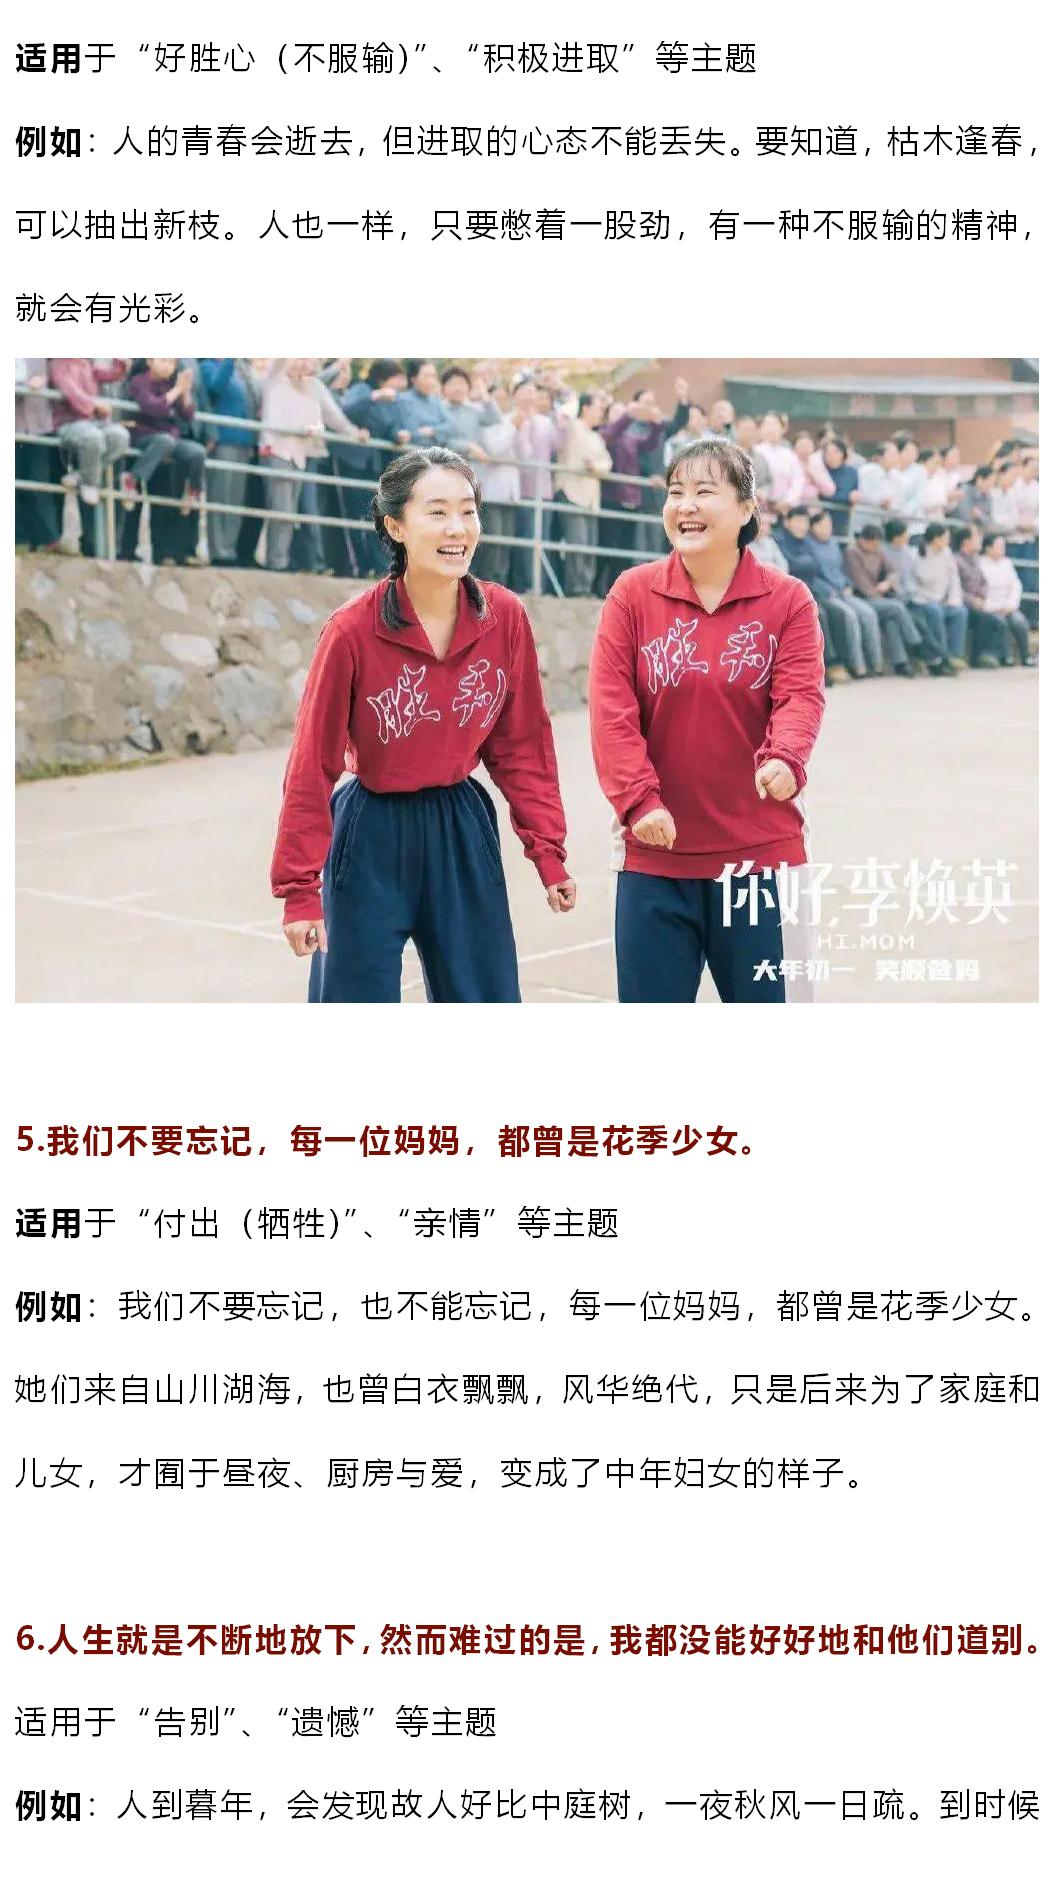 电影《你好,李焕英》相关的9句写作素材2